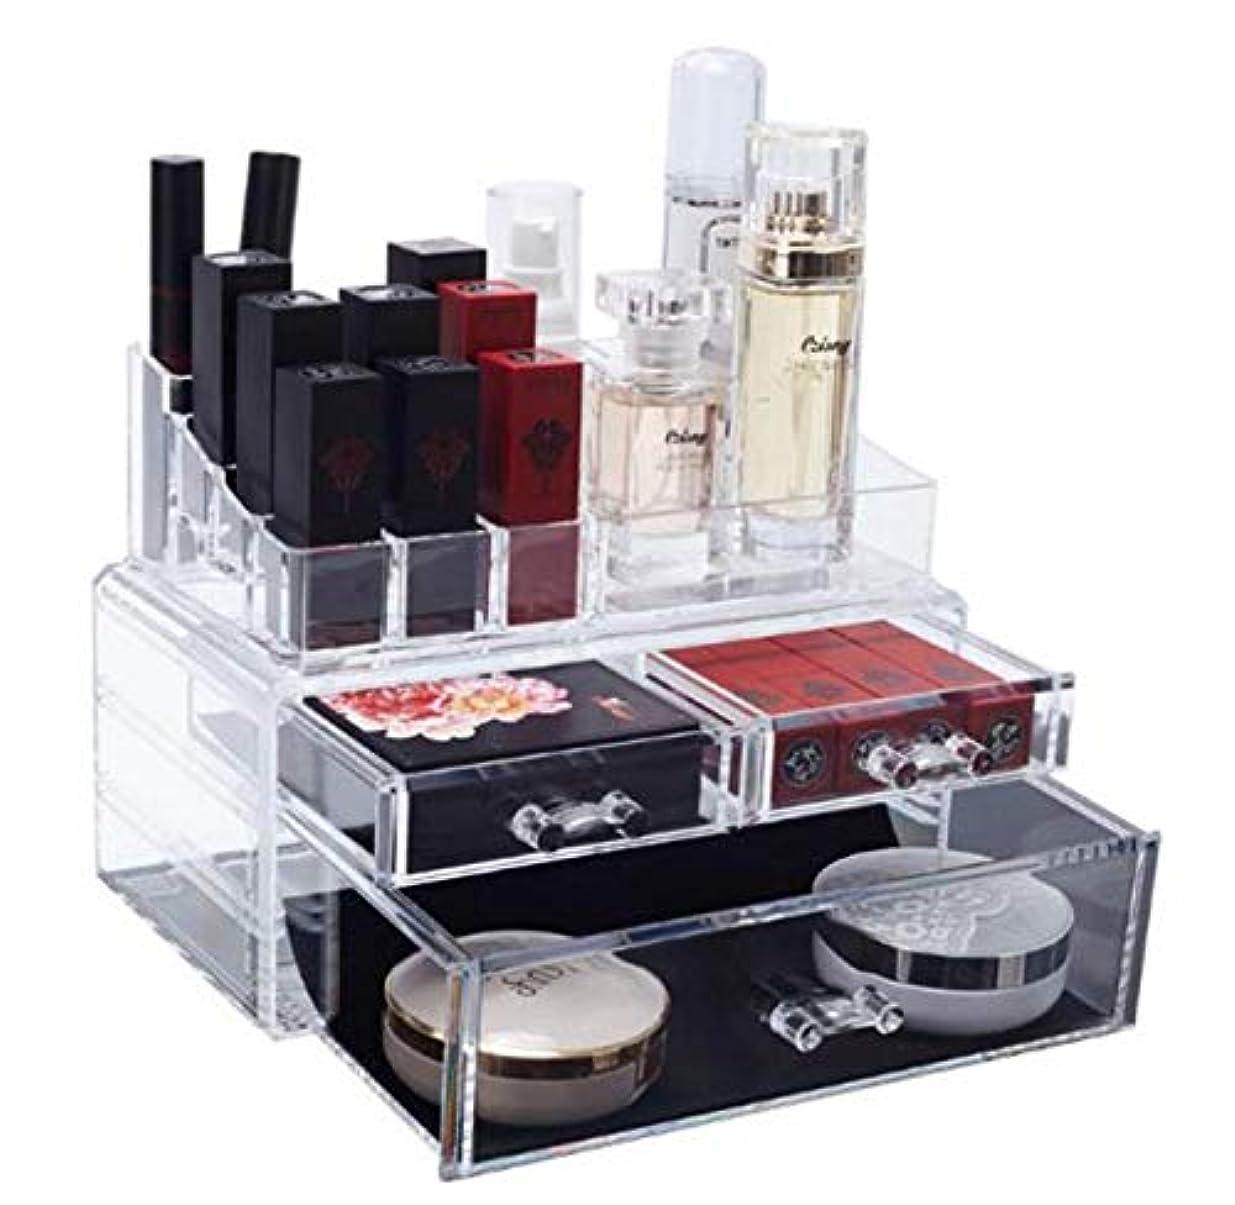 喜劇気分が良い遺産化粧品収納ボックス メイク収納ケース コスメ 収納ボックス 大容量 高透明度 引き出し アクセサリー/化粧品入れ 耐久